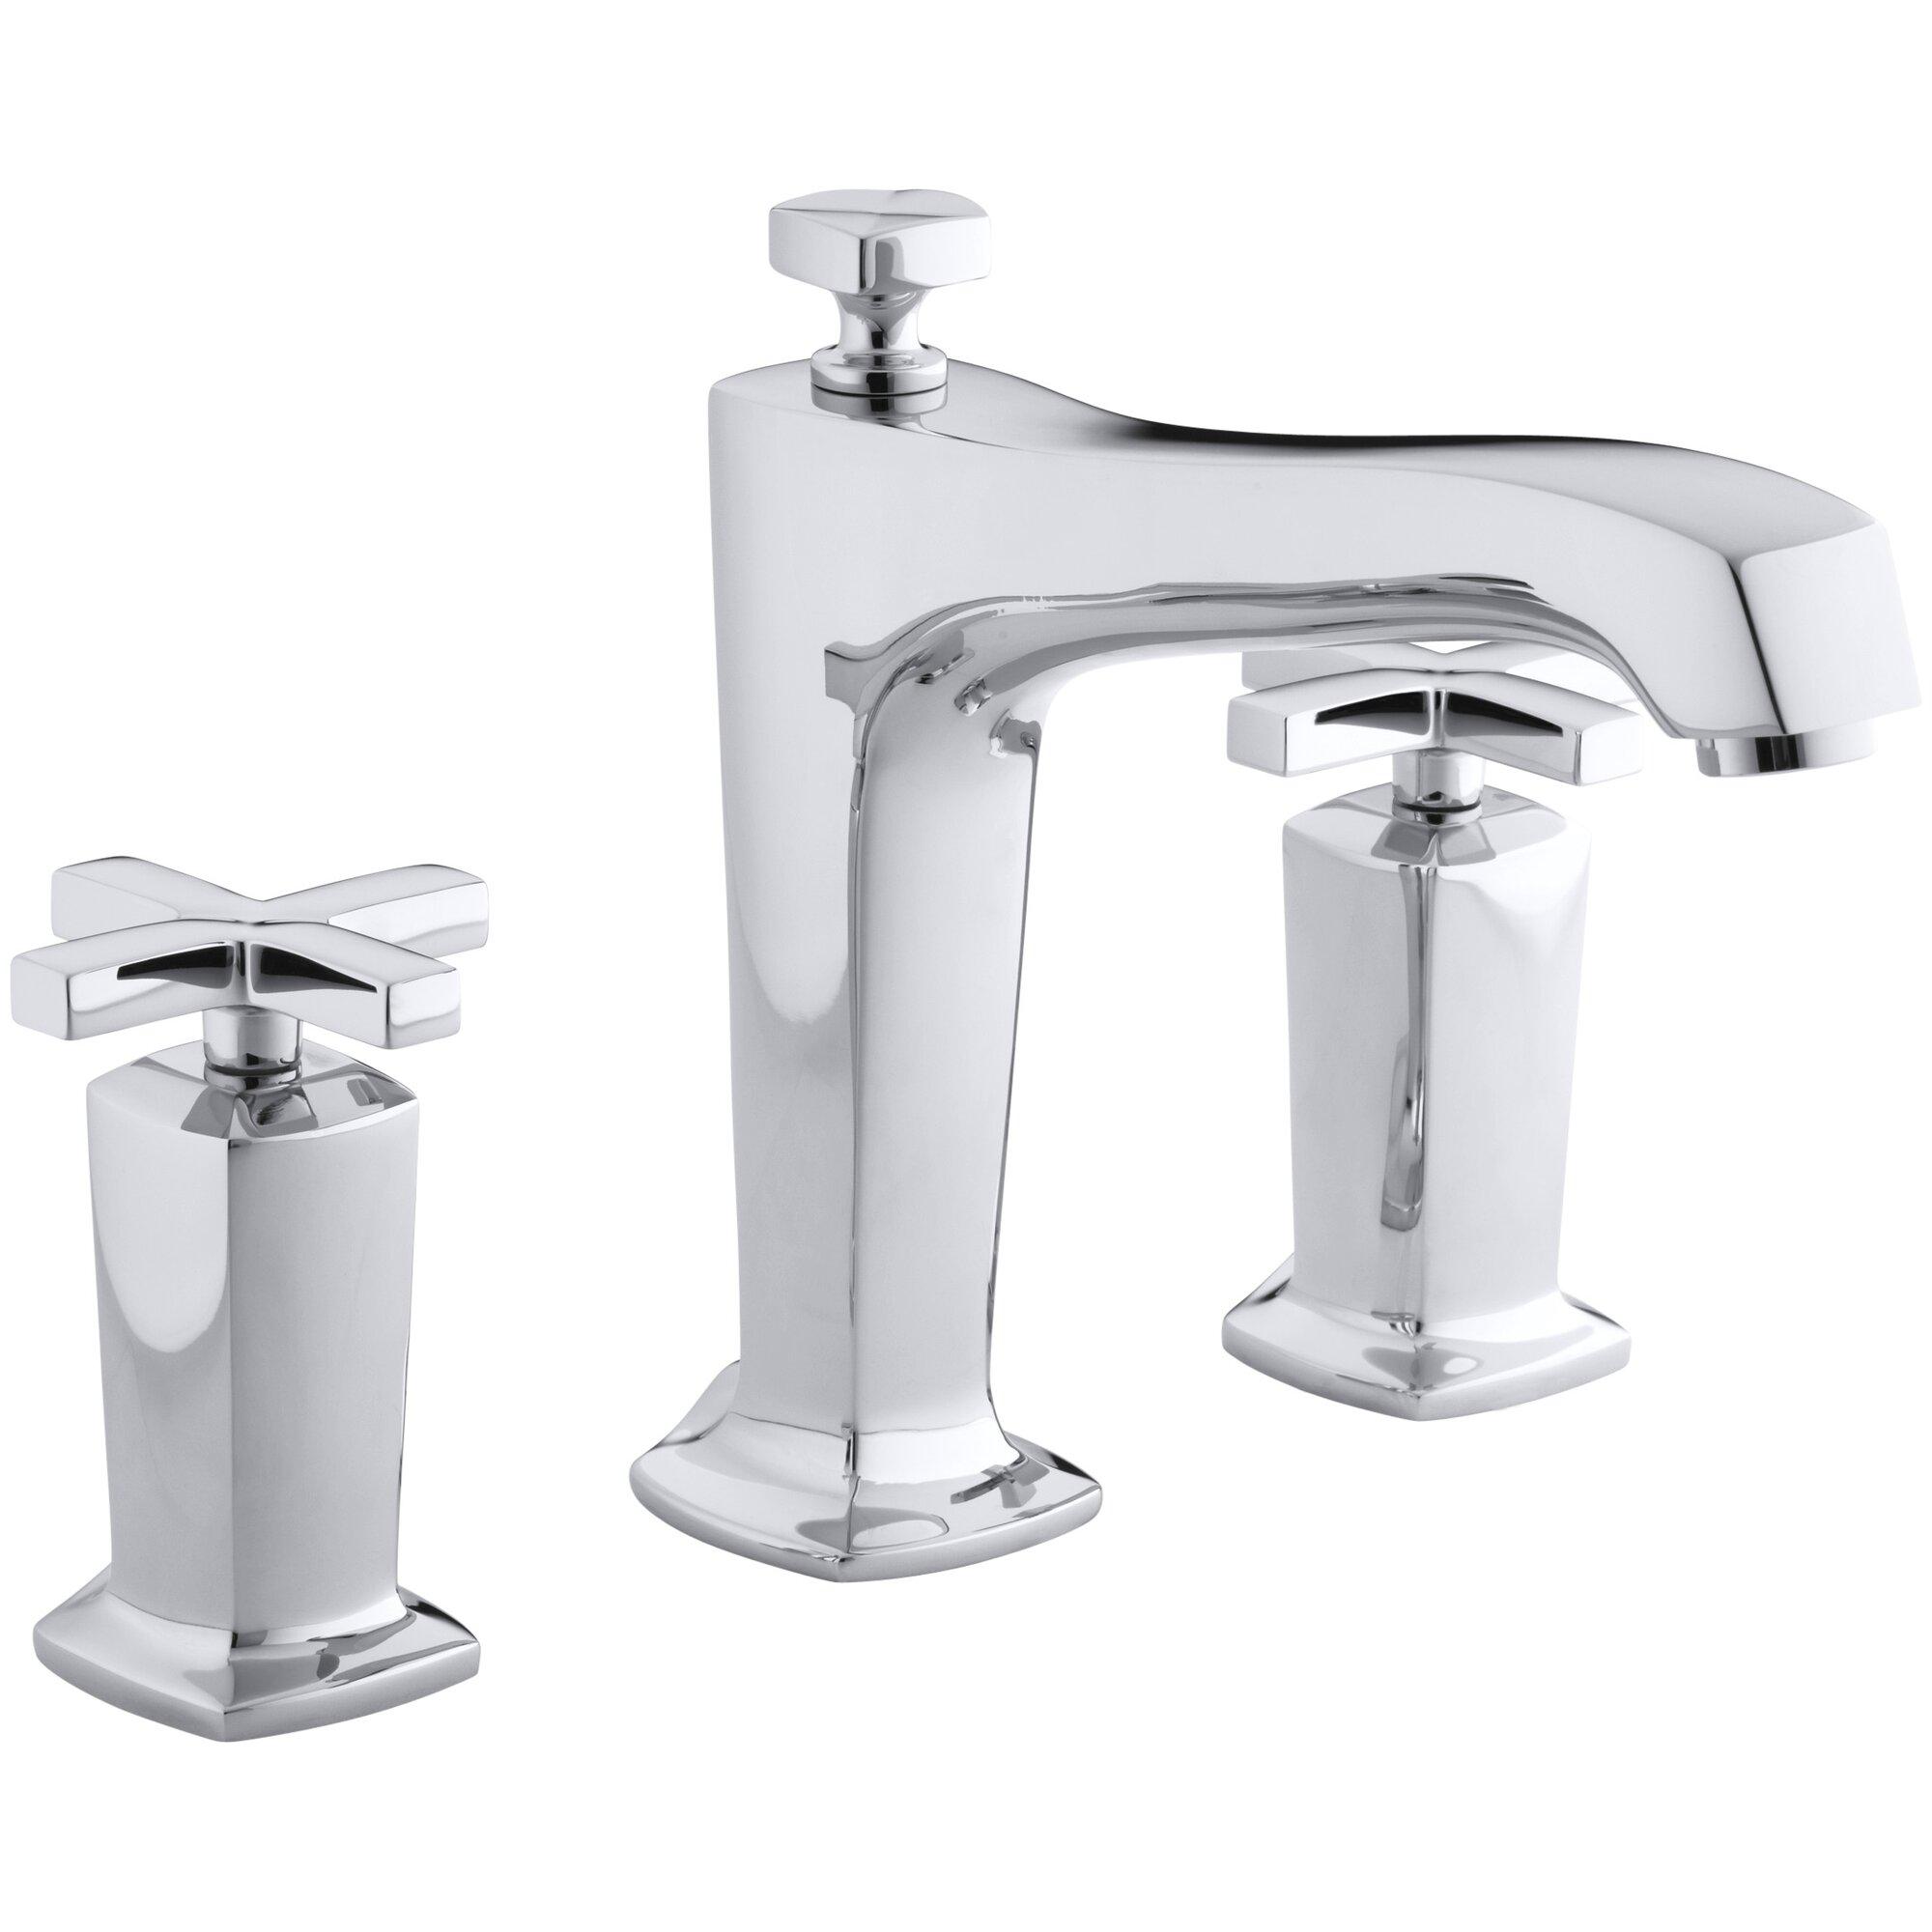 Cross Handle Bathroom Faucet Kohler Margaux Deck Mount Bath Faucet Trim For High Flow Valve